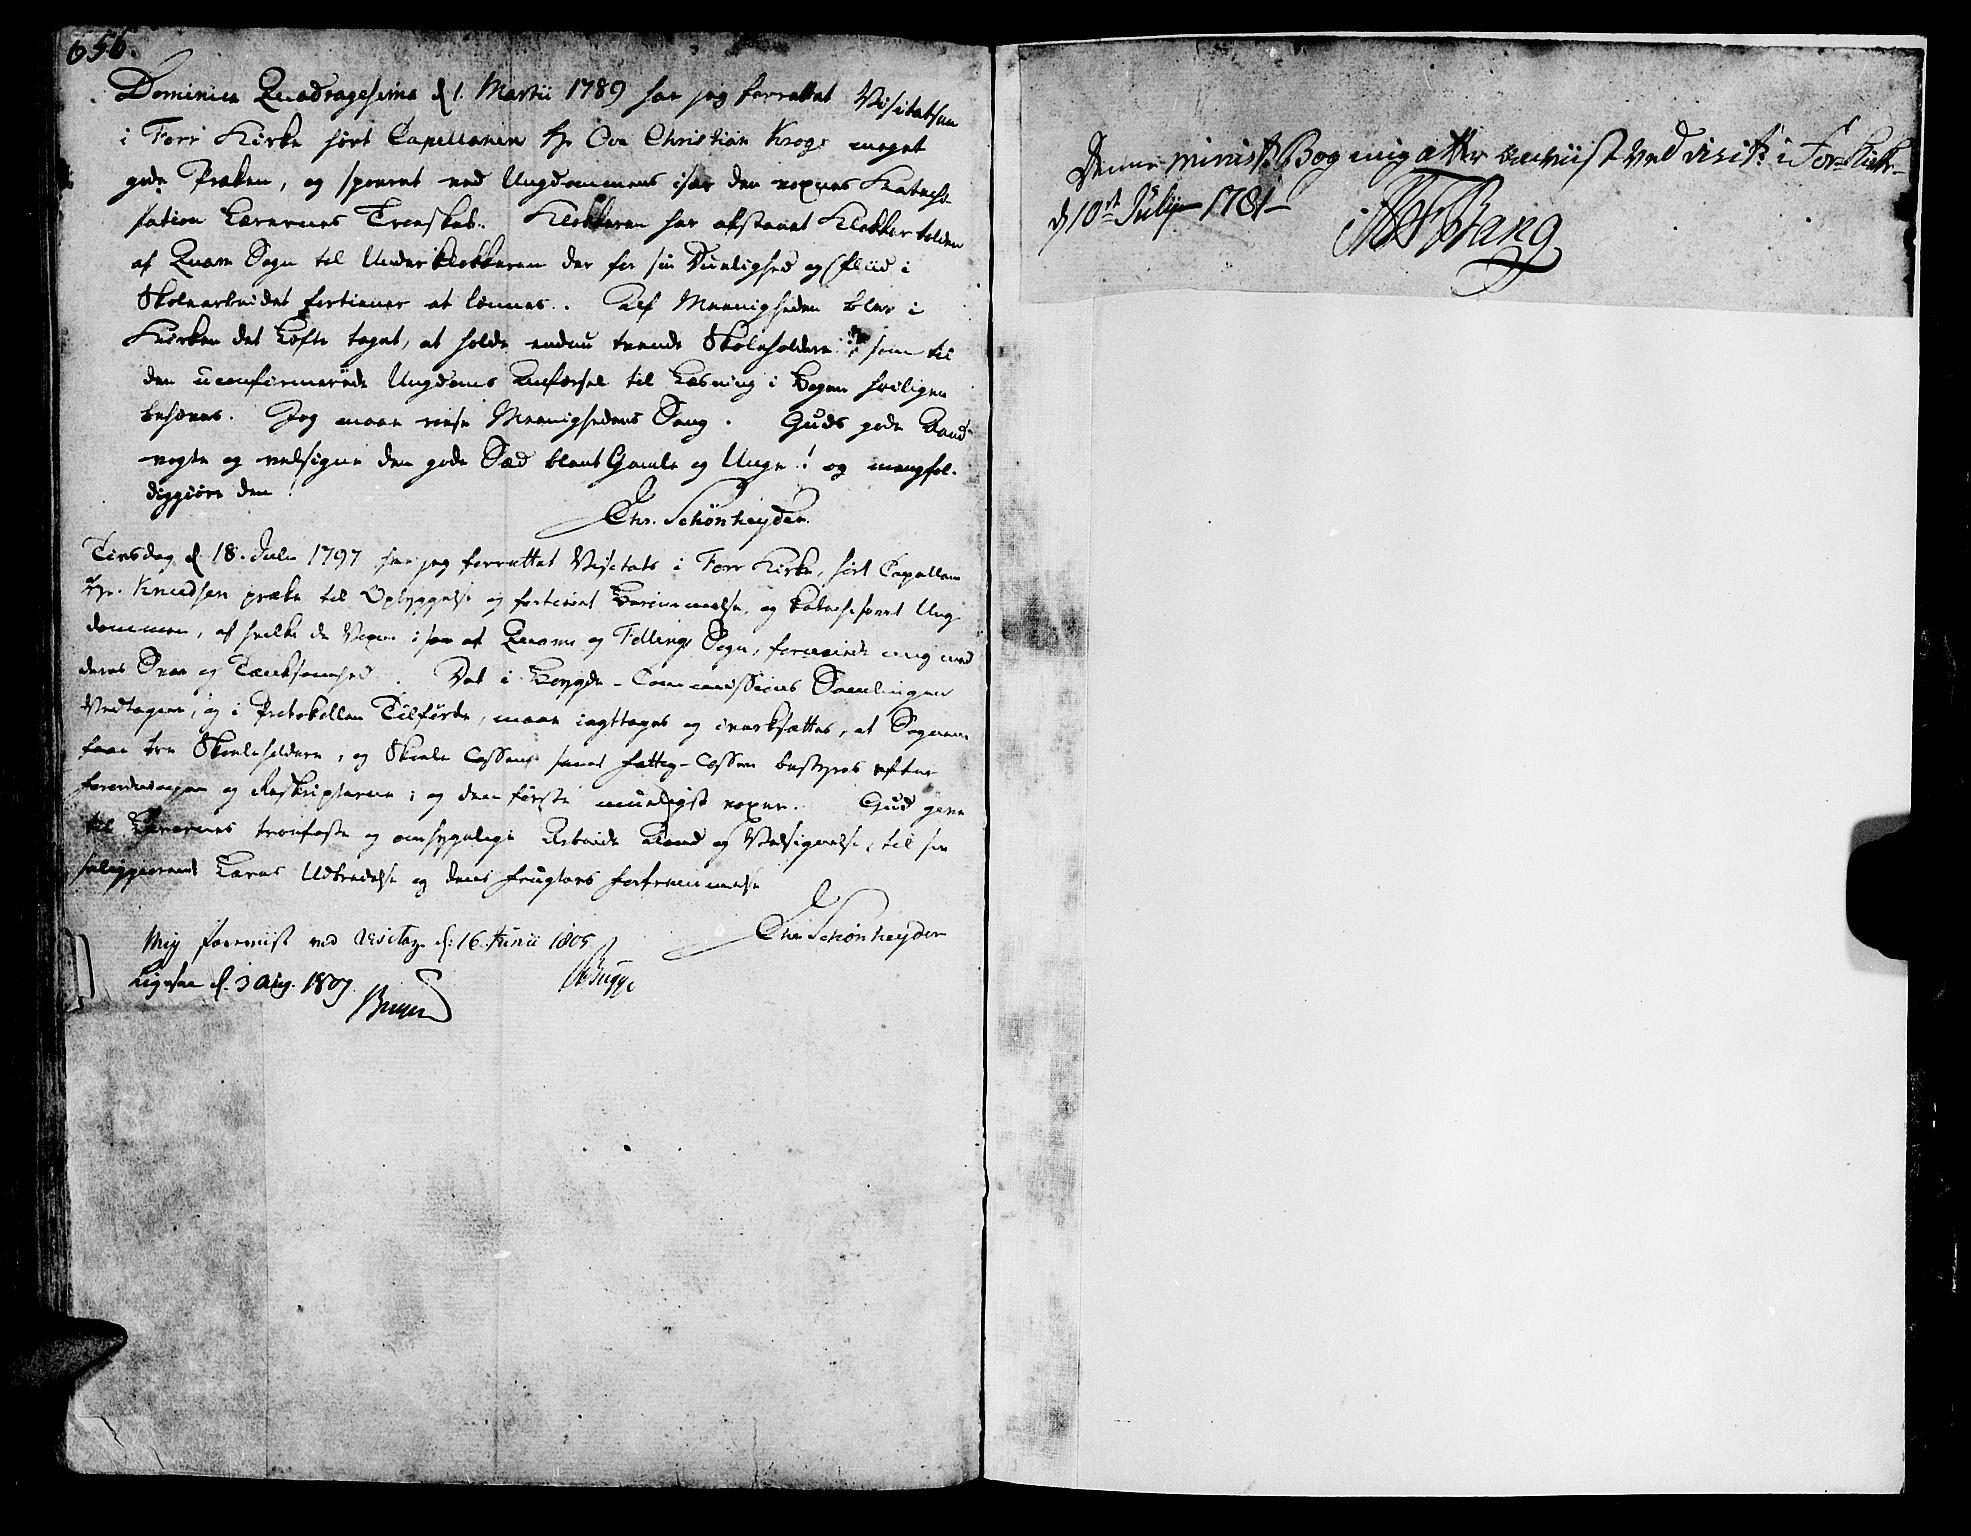 SAT, Ministerialprotokoller, klokkerbøker og fødselsregistre - Nord-Trøndelag, 746/L0440: Ministerialbok nr. 746A02, 1760-1815